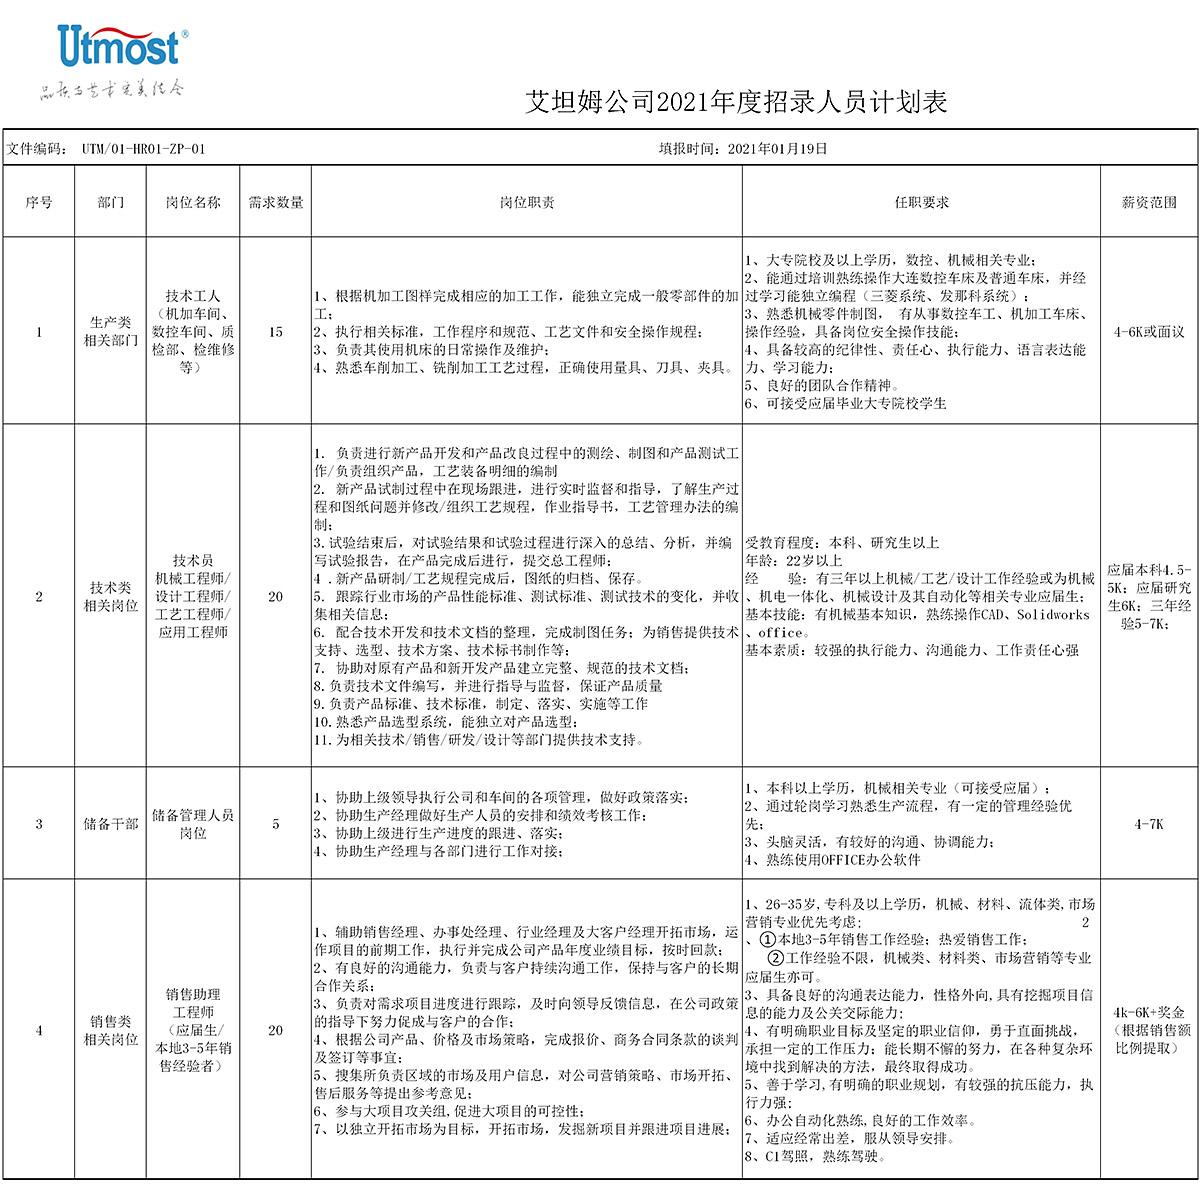 (依托济宁能源平台)招录人员计划表.jpg